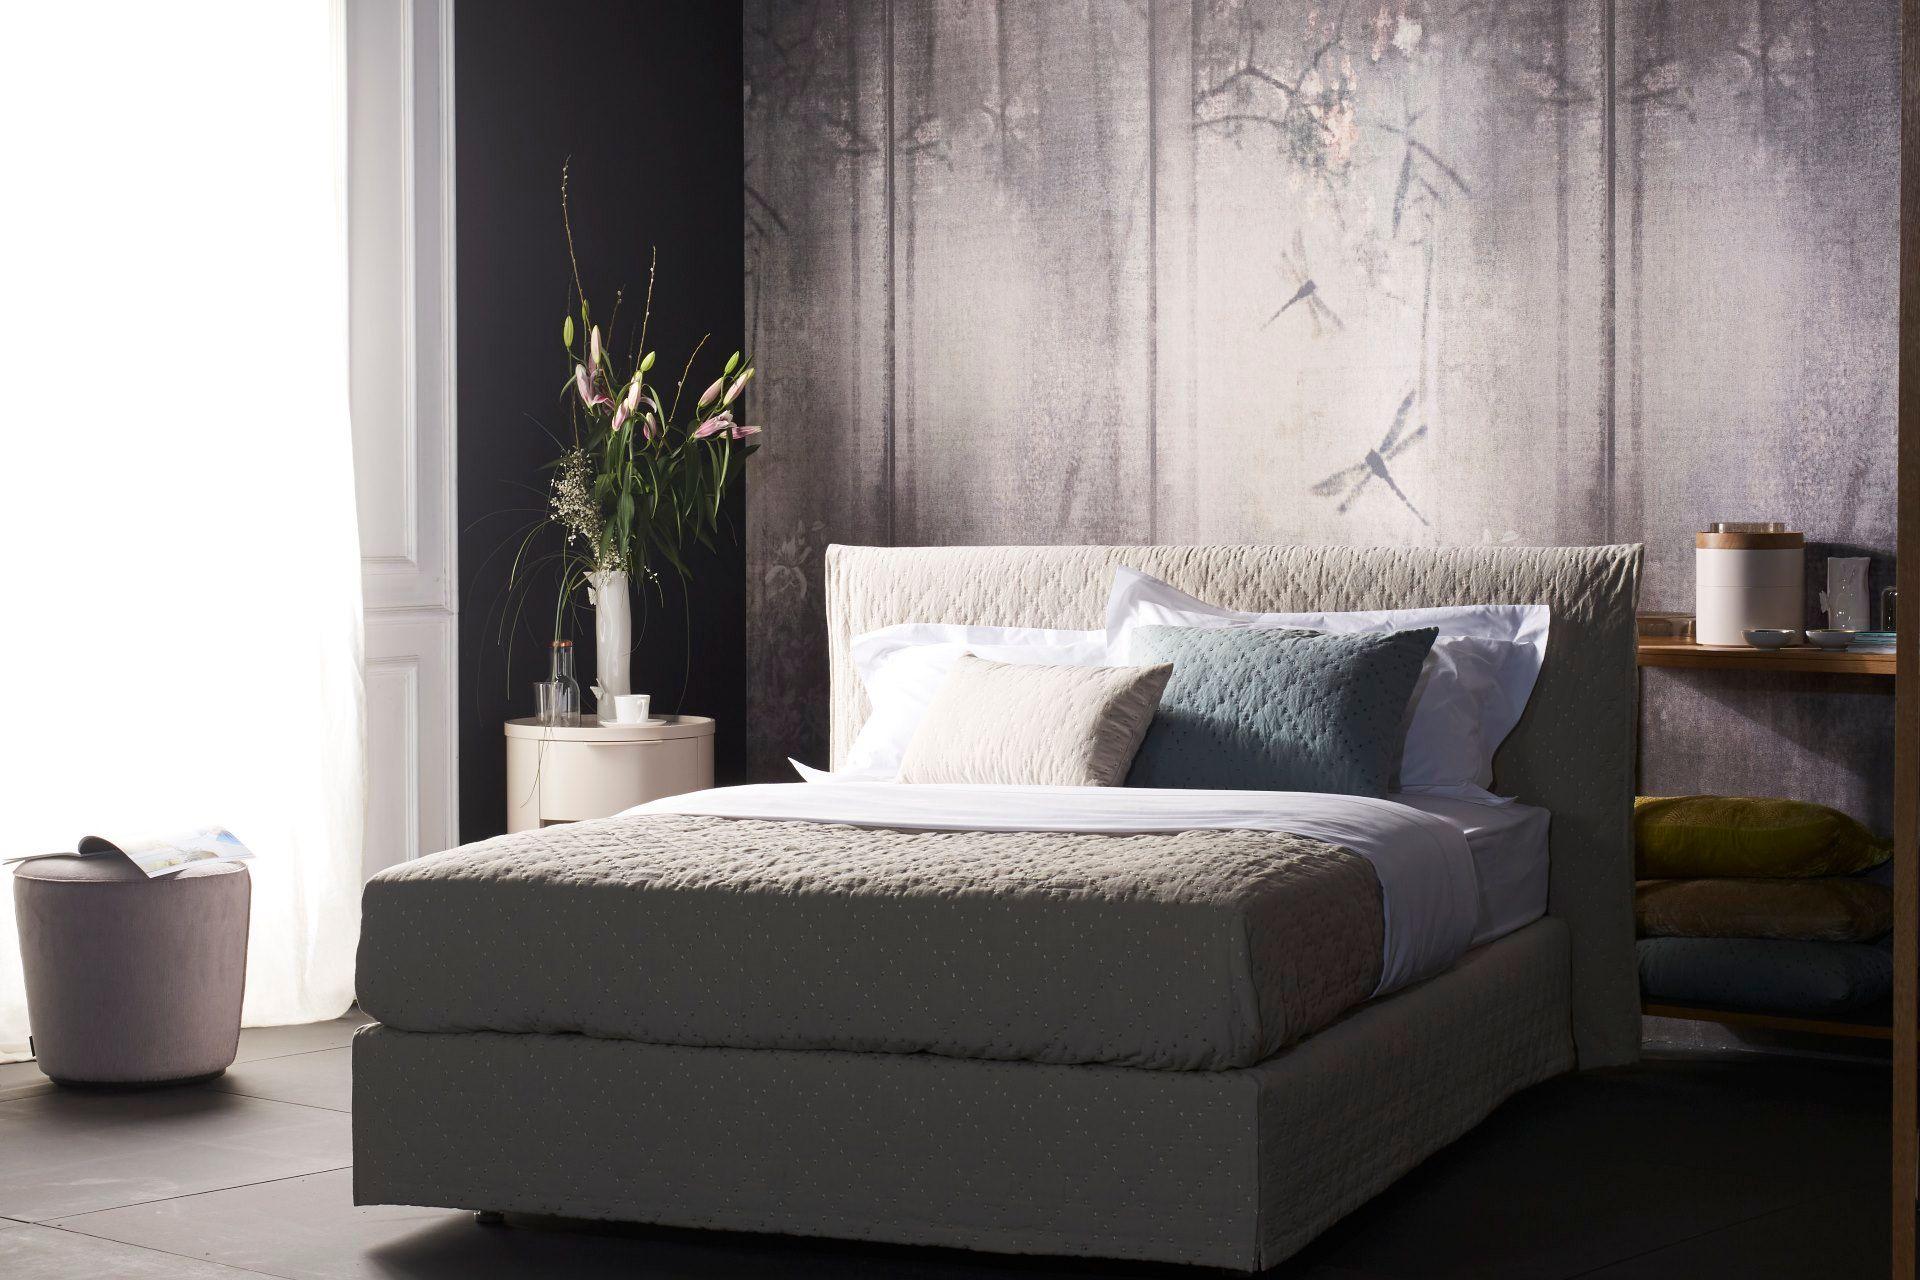 Purebed Chill Bett Schramm Betten Und Wohnen